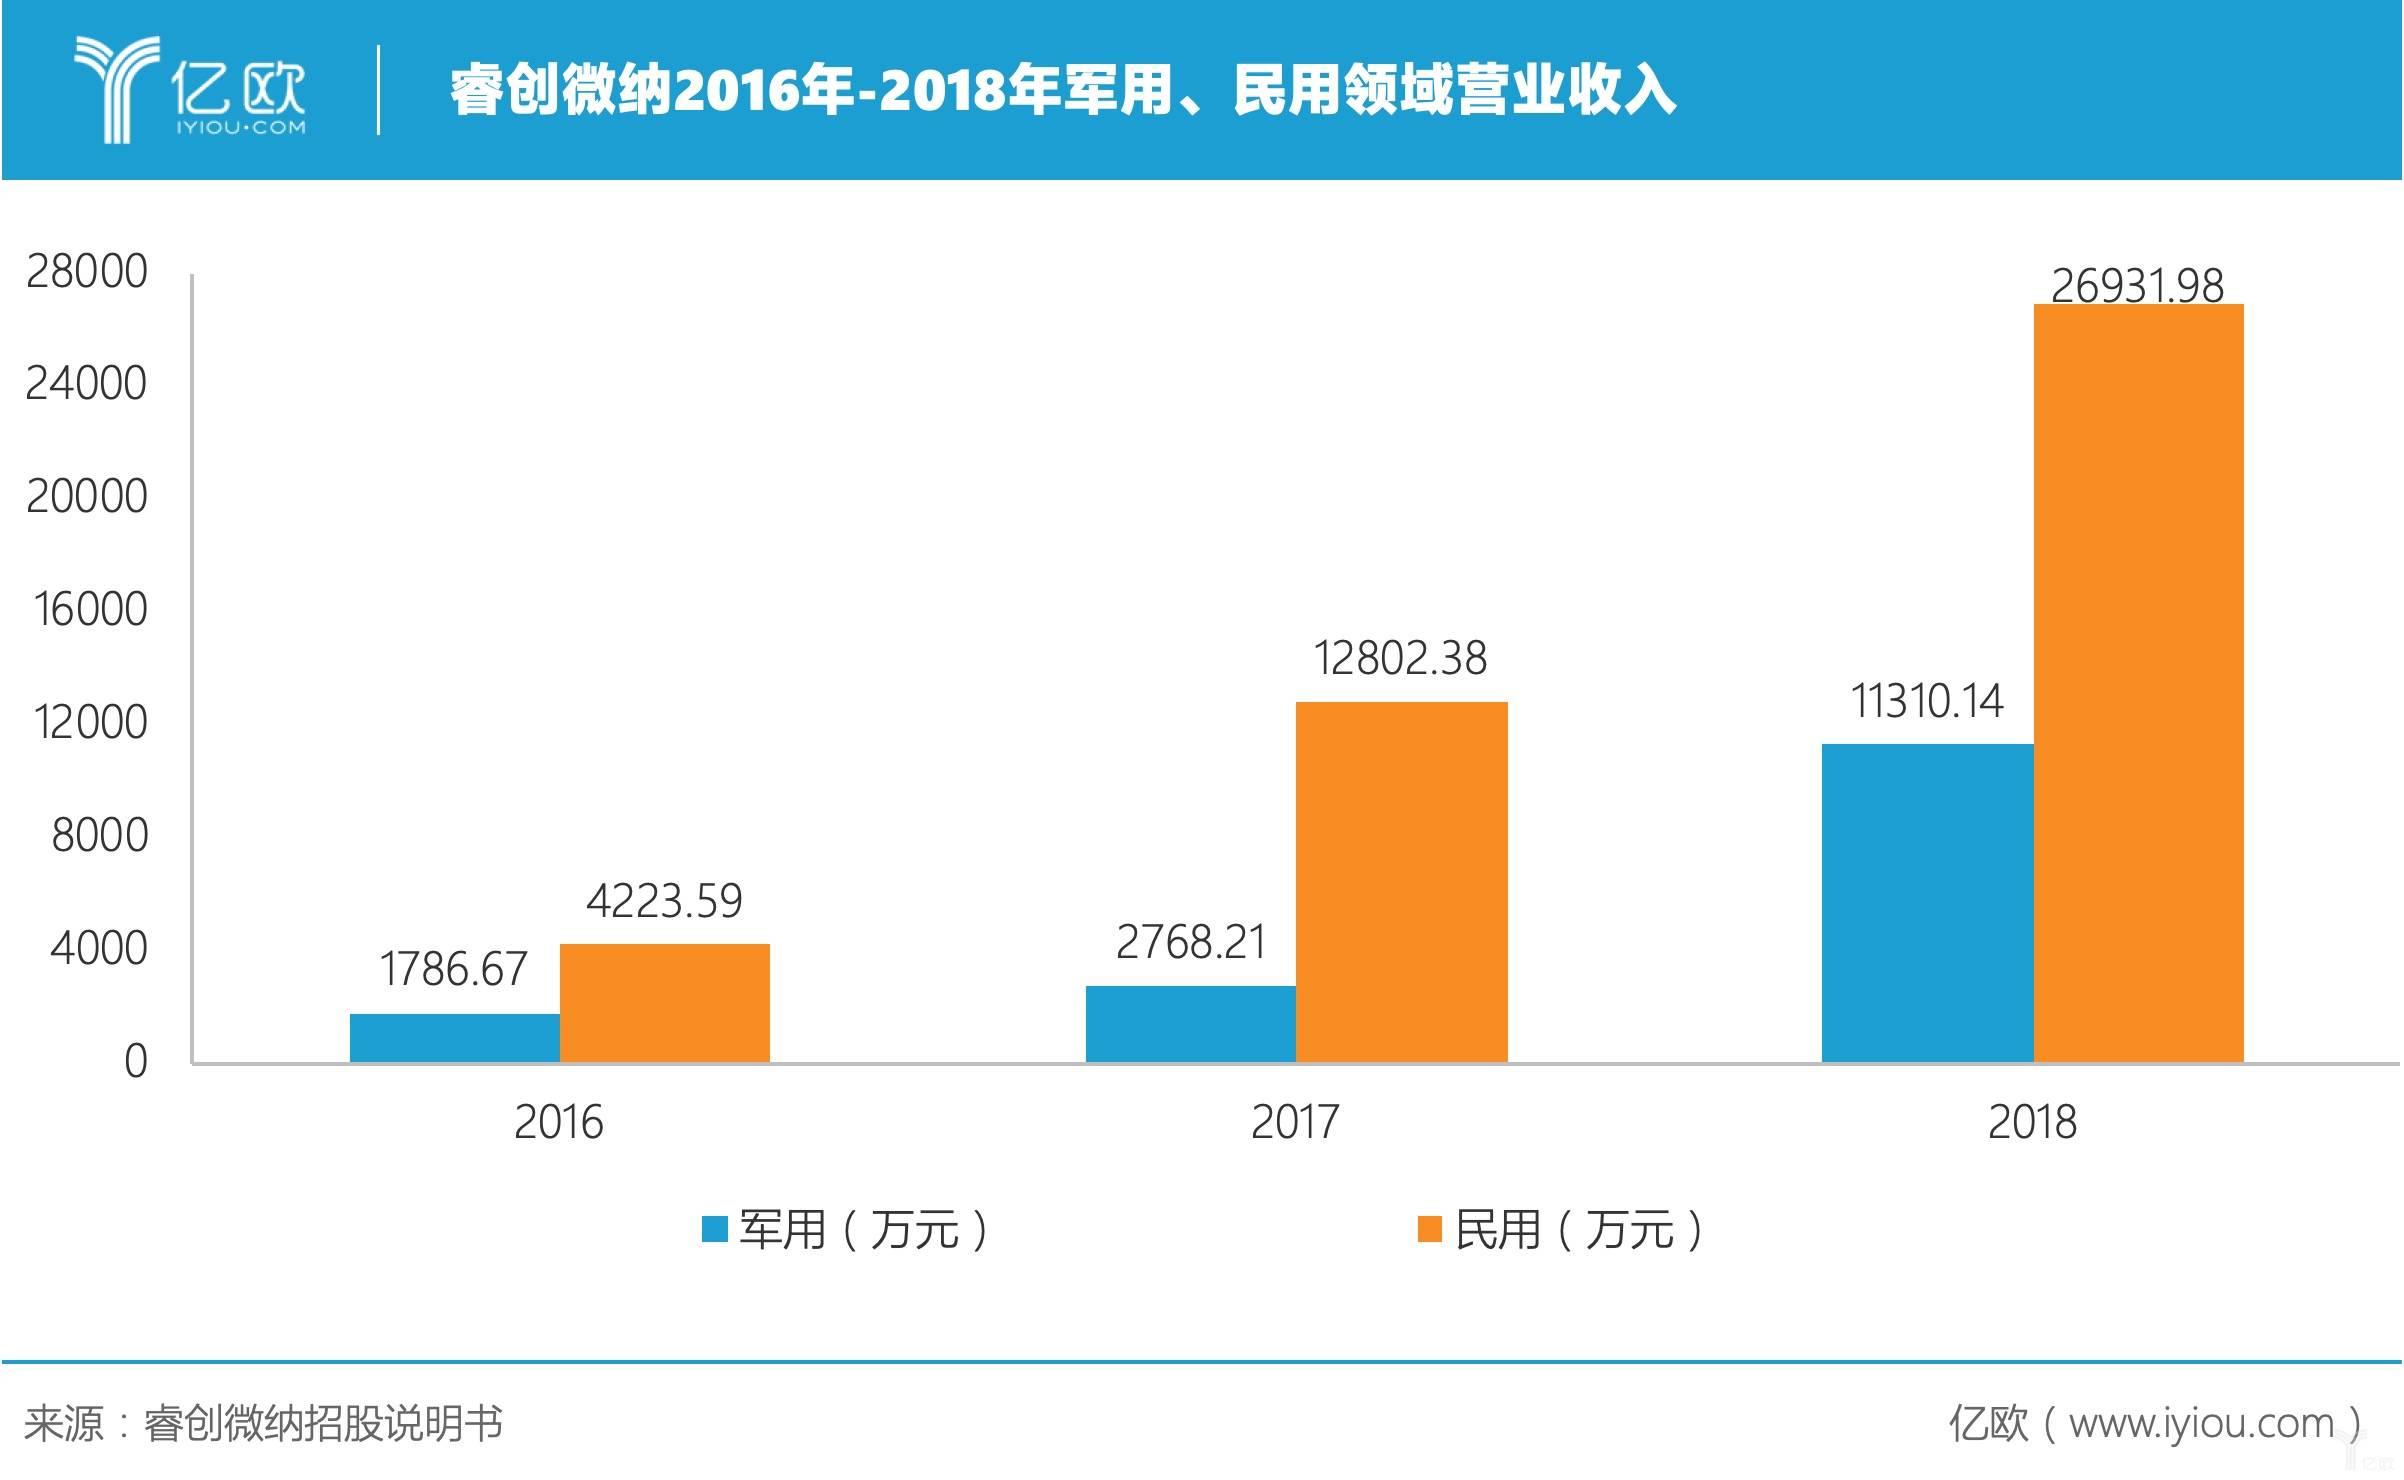 睿创微纳2016年-2018年军用、民用领域营业收入.jpeg